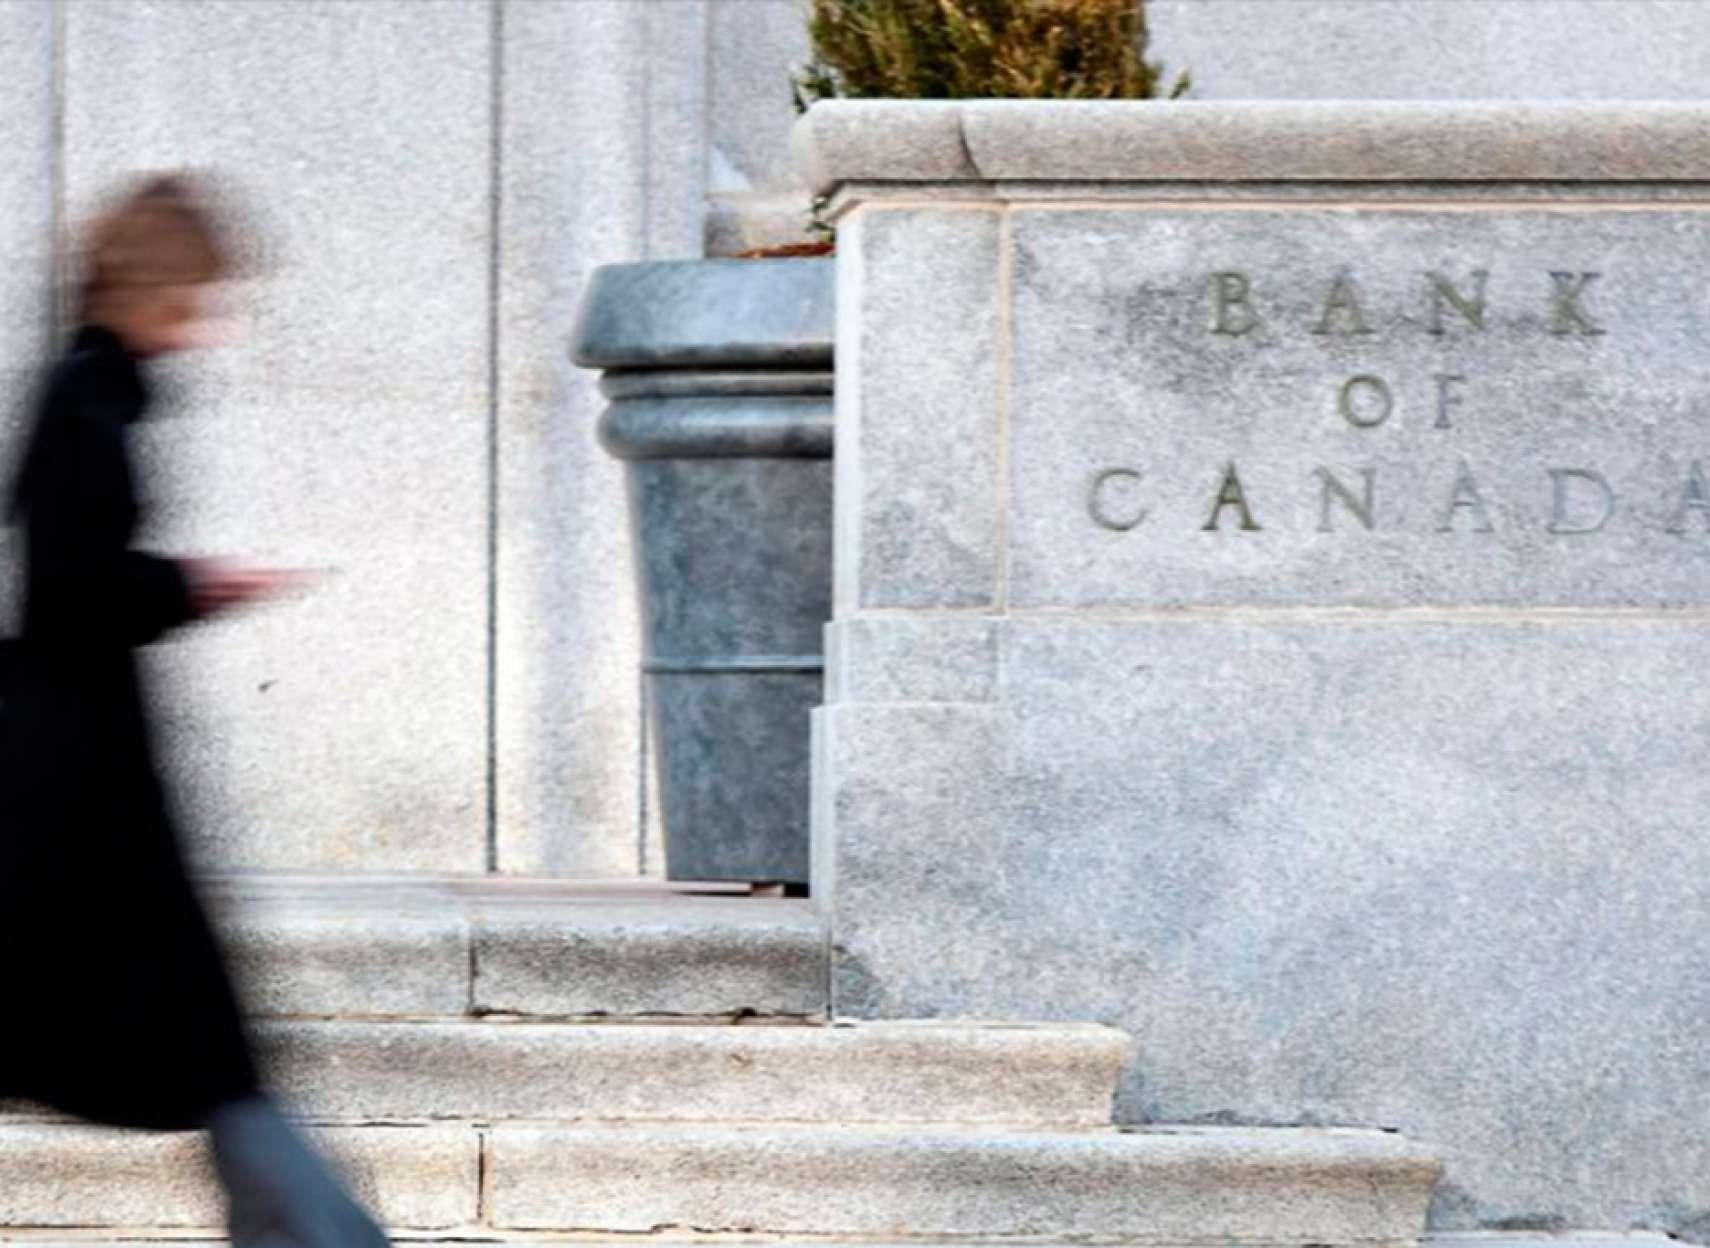 اخبار-کانادا-کاهش-نرخ-بهره-توسط-بانک-مرکزی